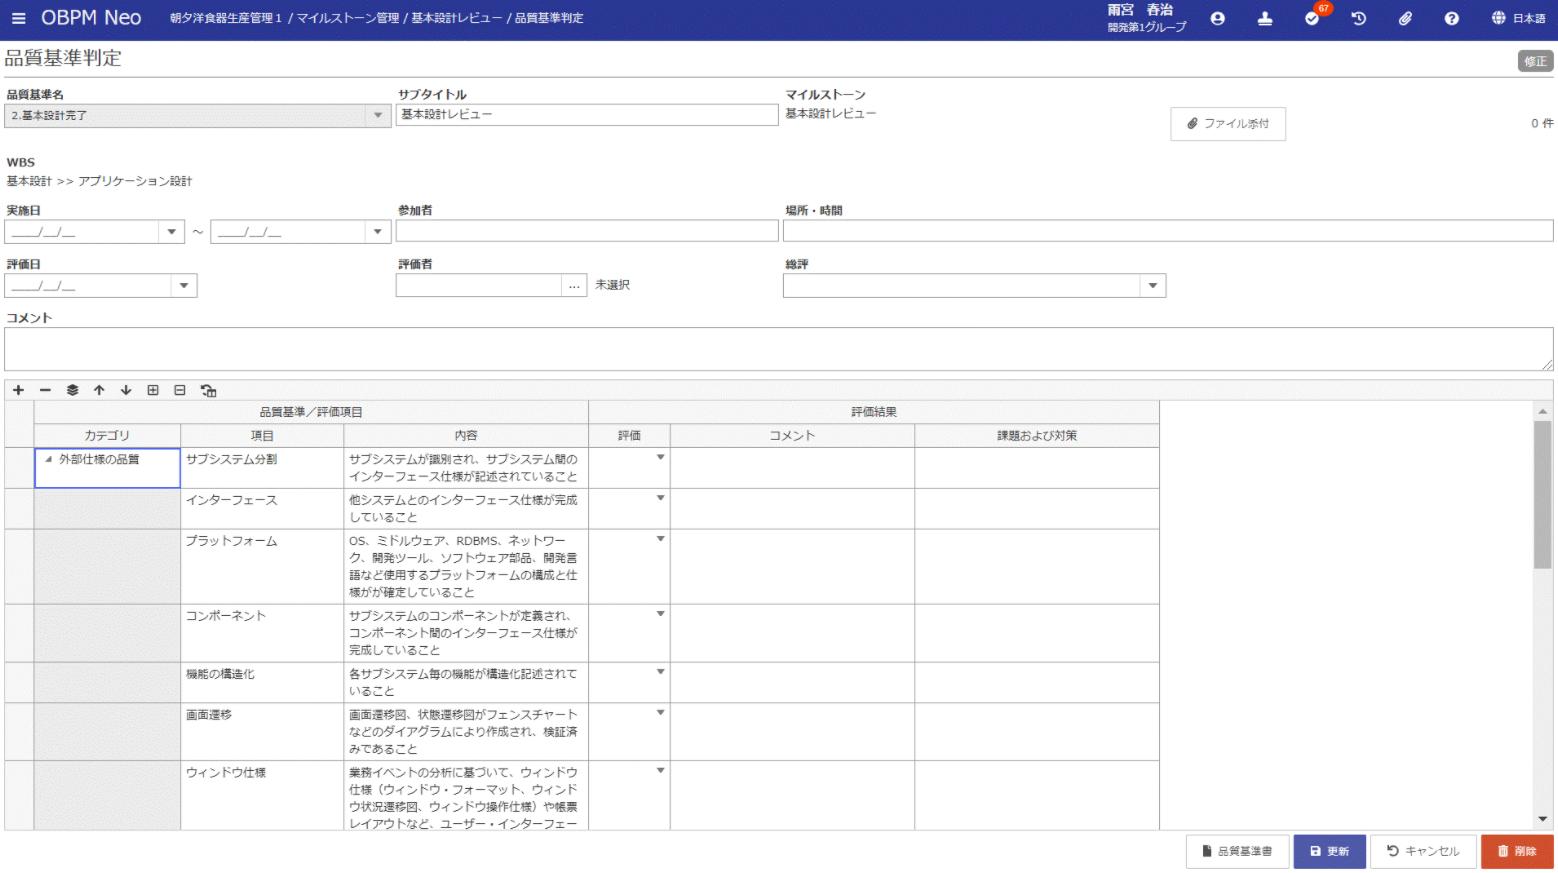 OBPM Neo管理画面